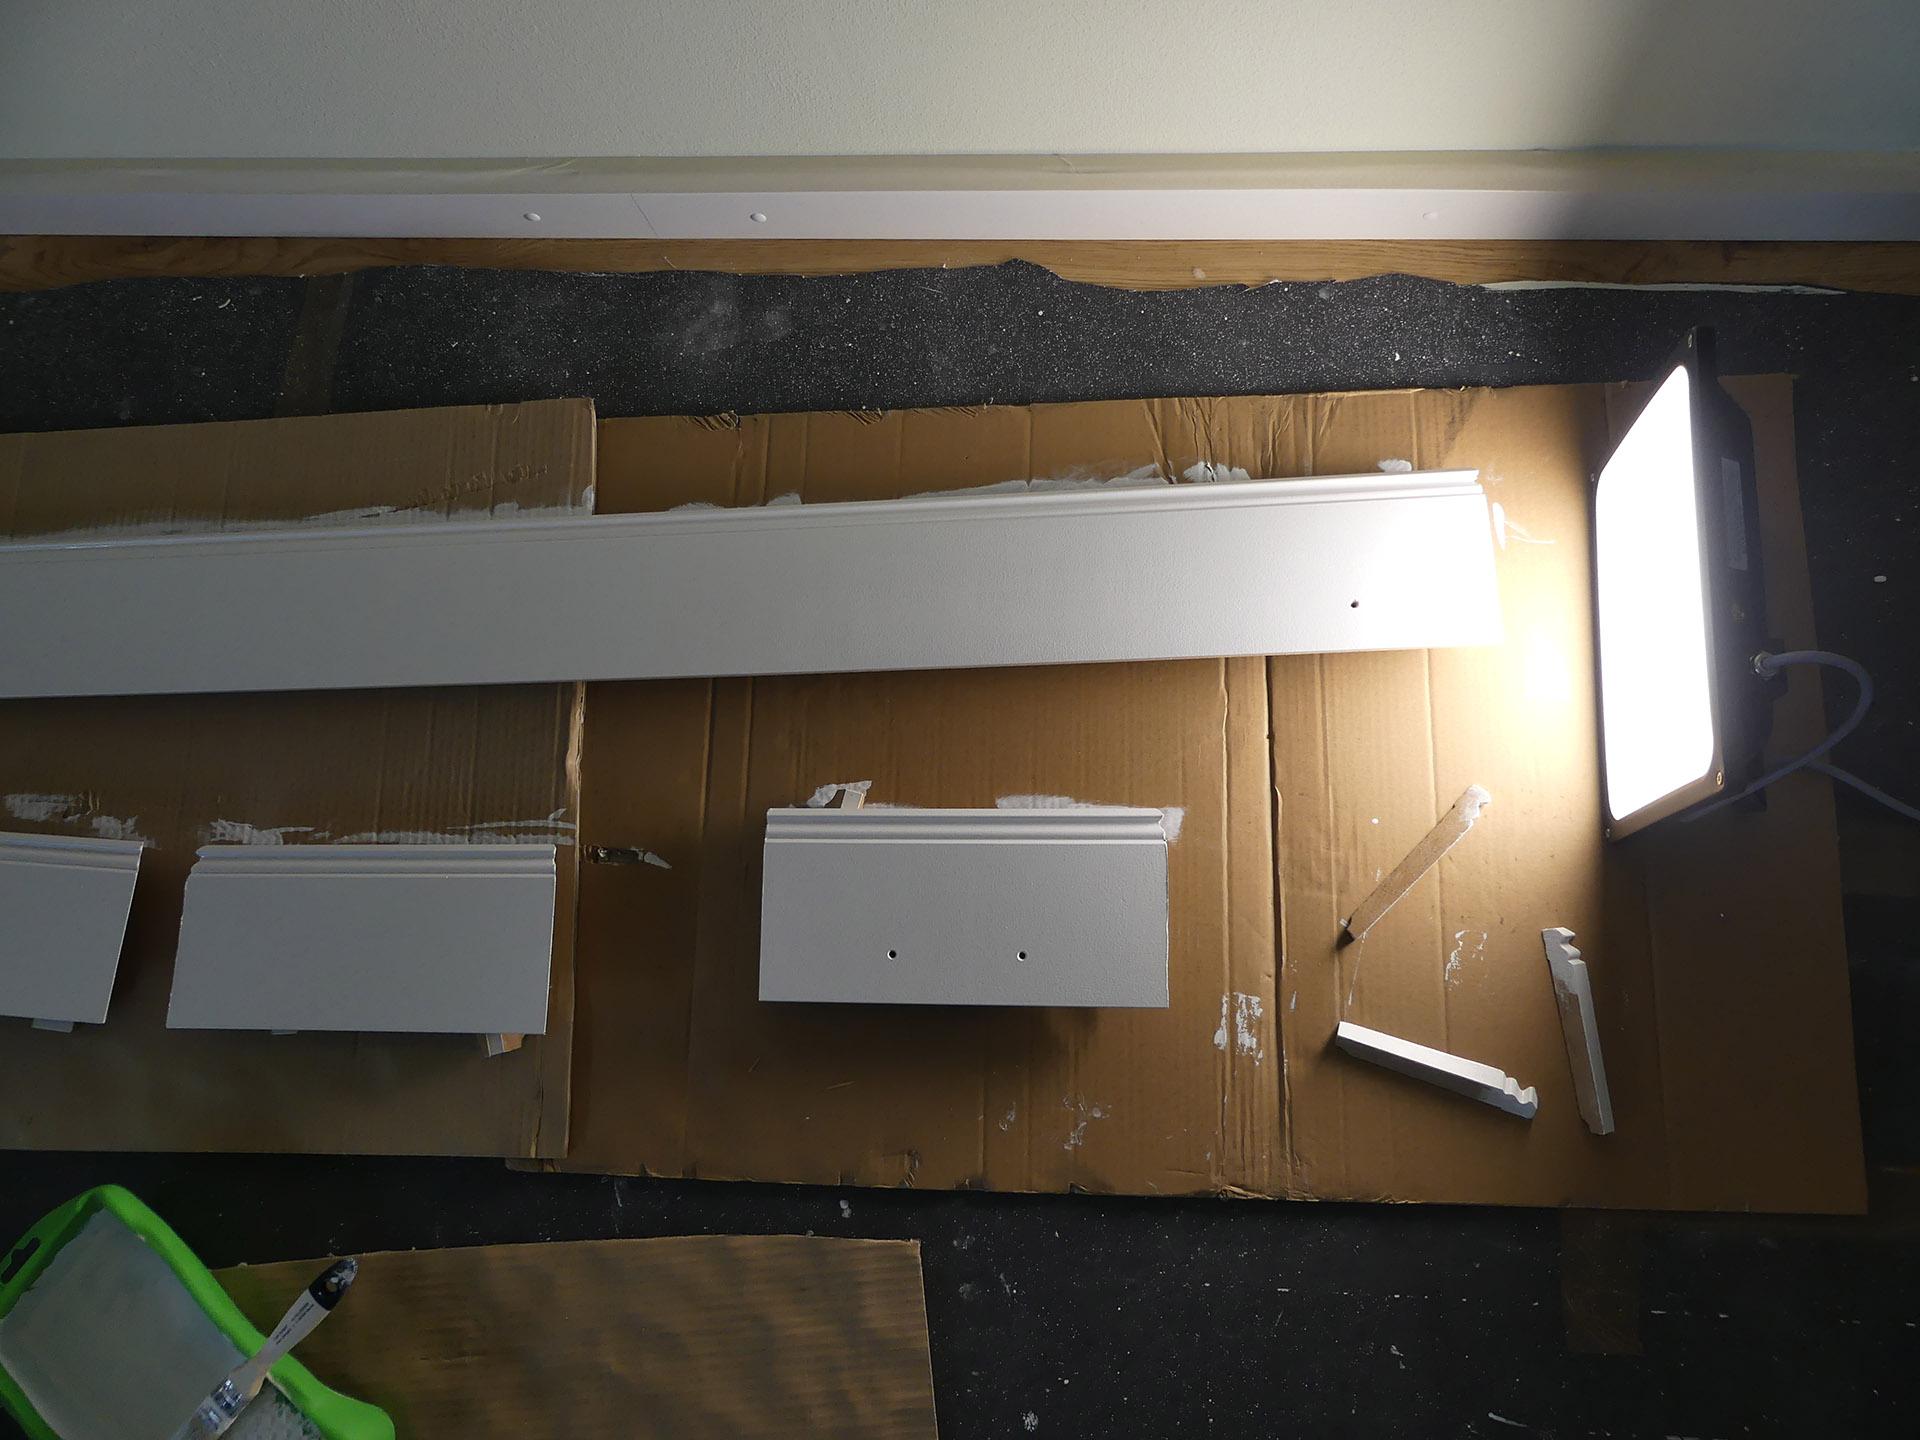 Full Size of Schritt 9 Der Sockel The Ikea Billy Project Tagesdecke Bett Wohnzimmer Deckenleuchten Küche Schwimmbecken Garten Deckenlampe Schlafzimmer Decke Im Bad Wohnzimmer Ikea Sockelleiste Ecke